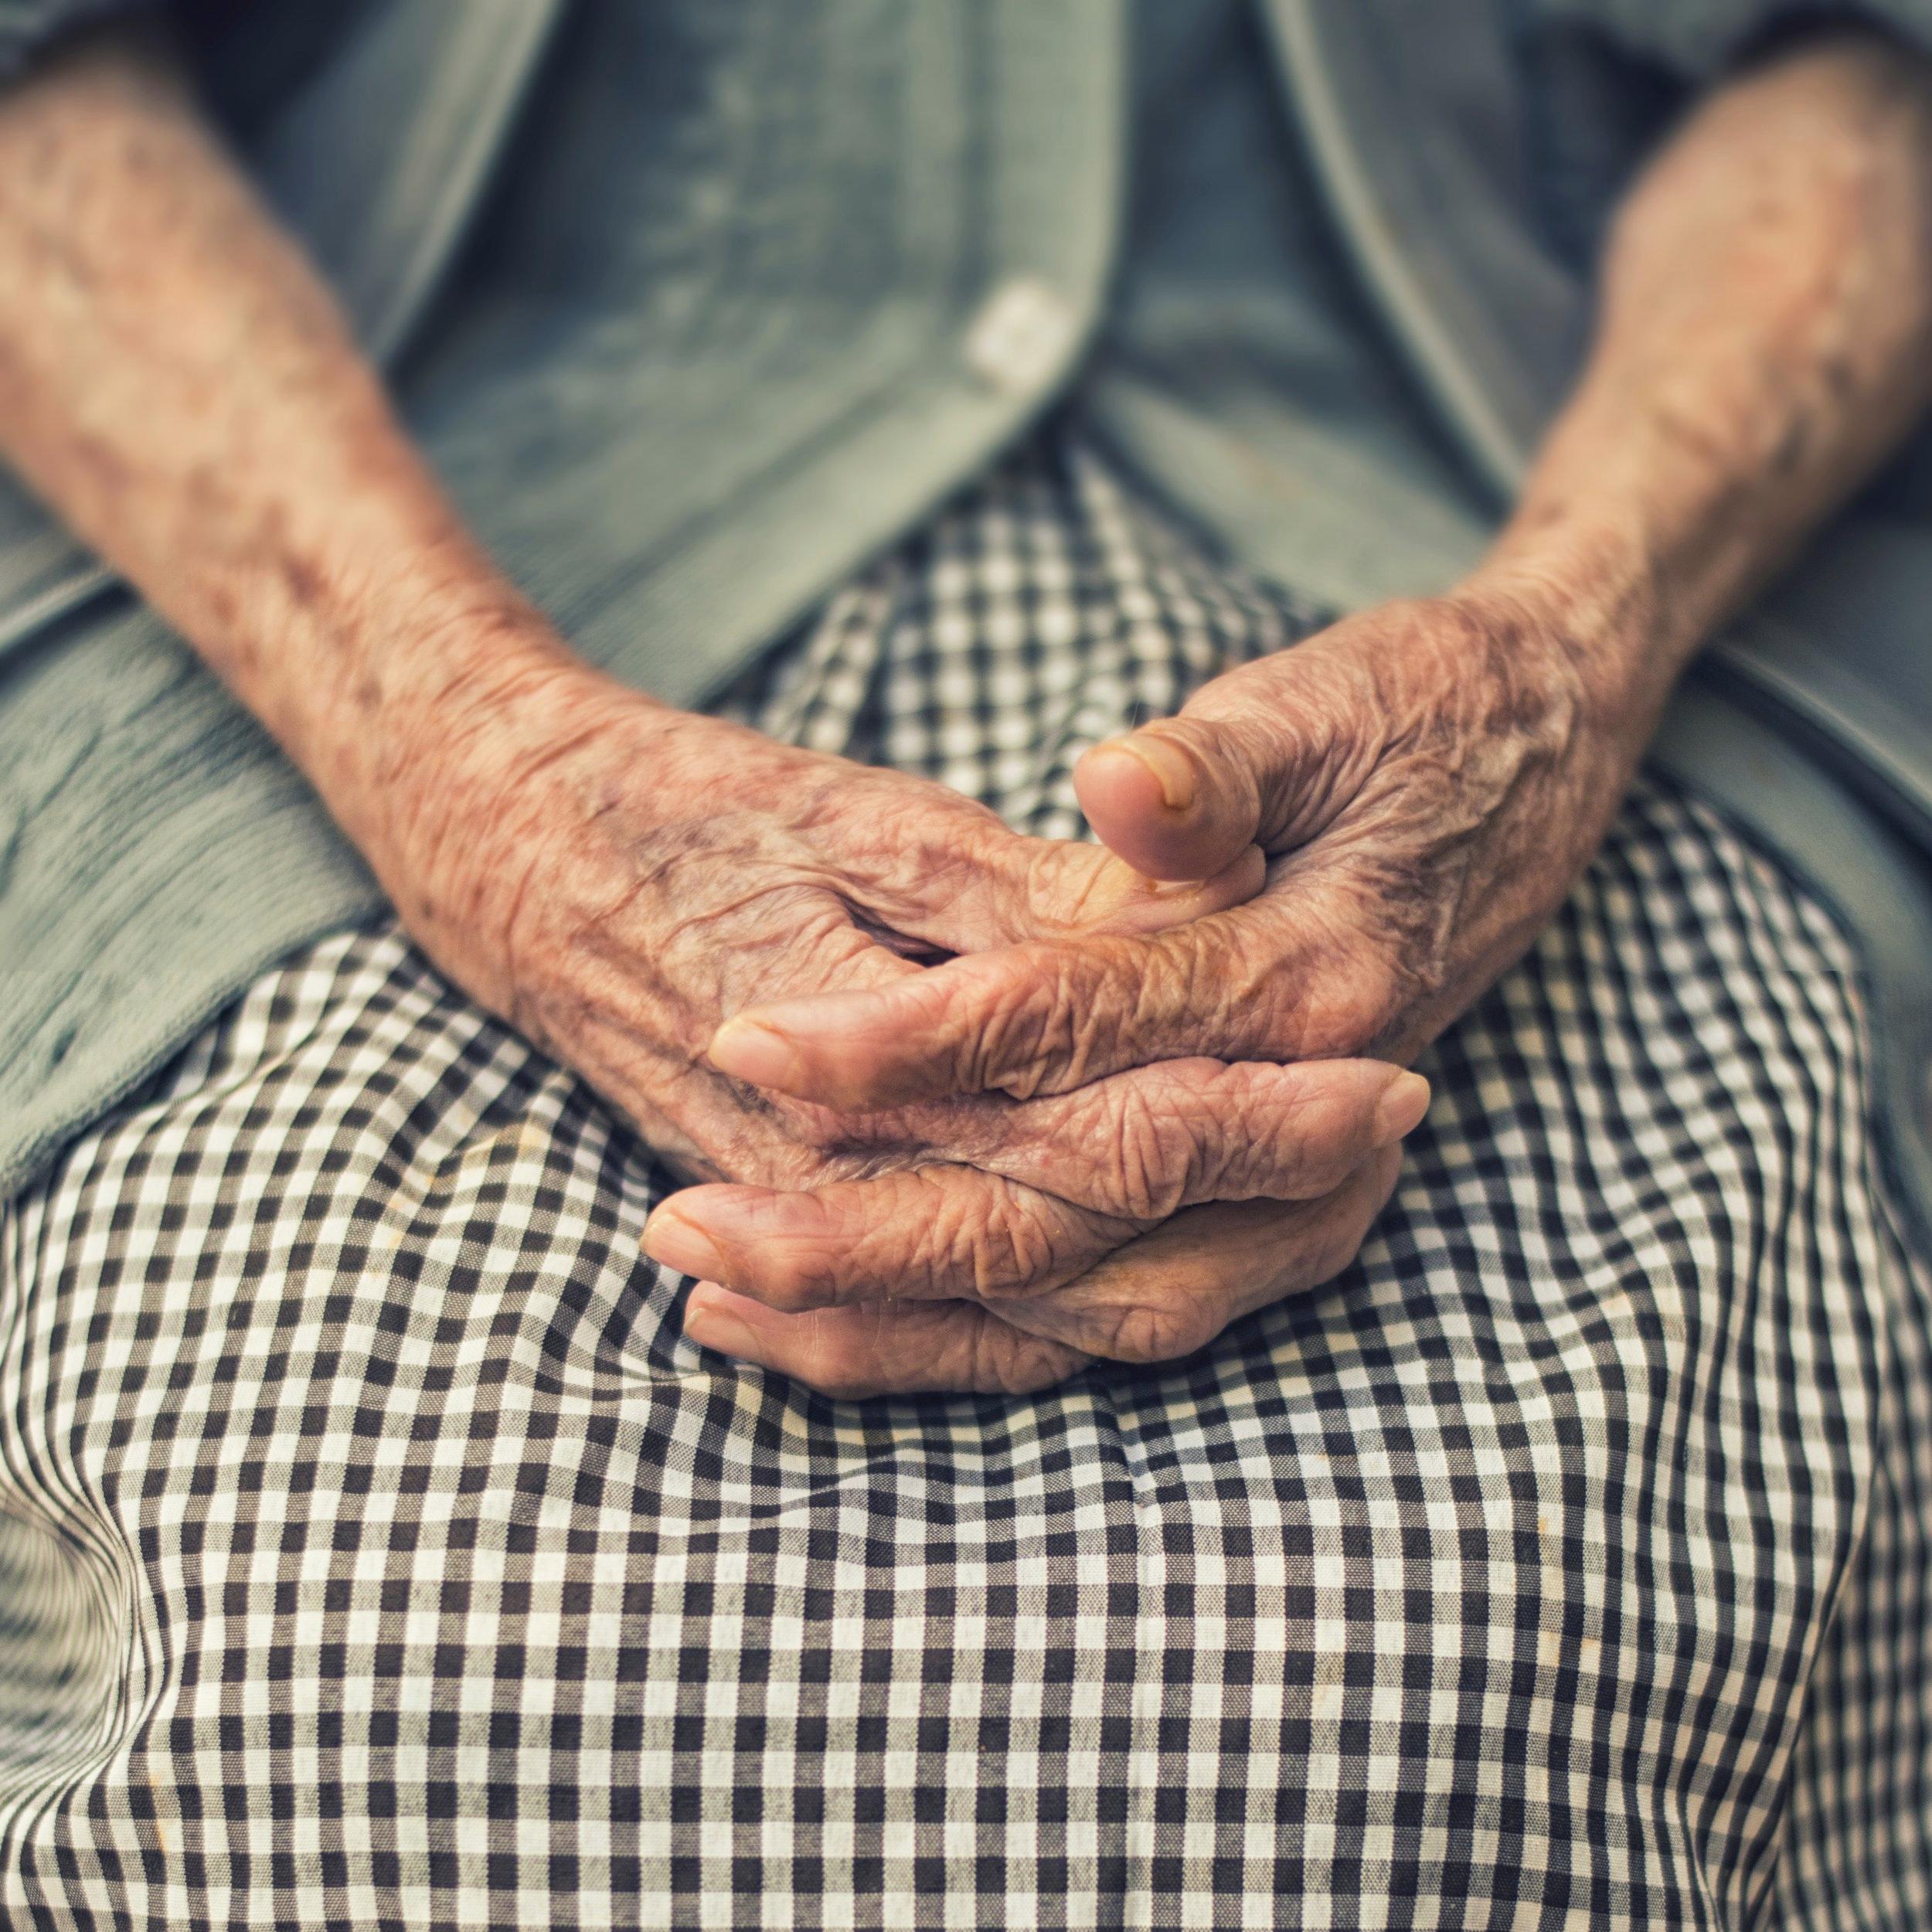 Elder Care -